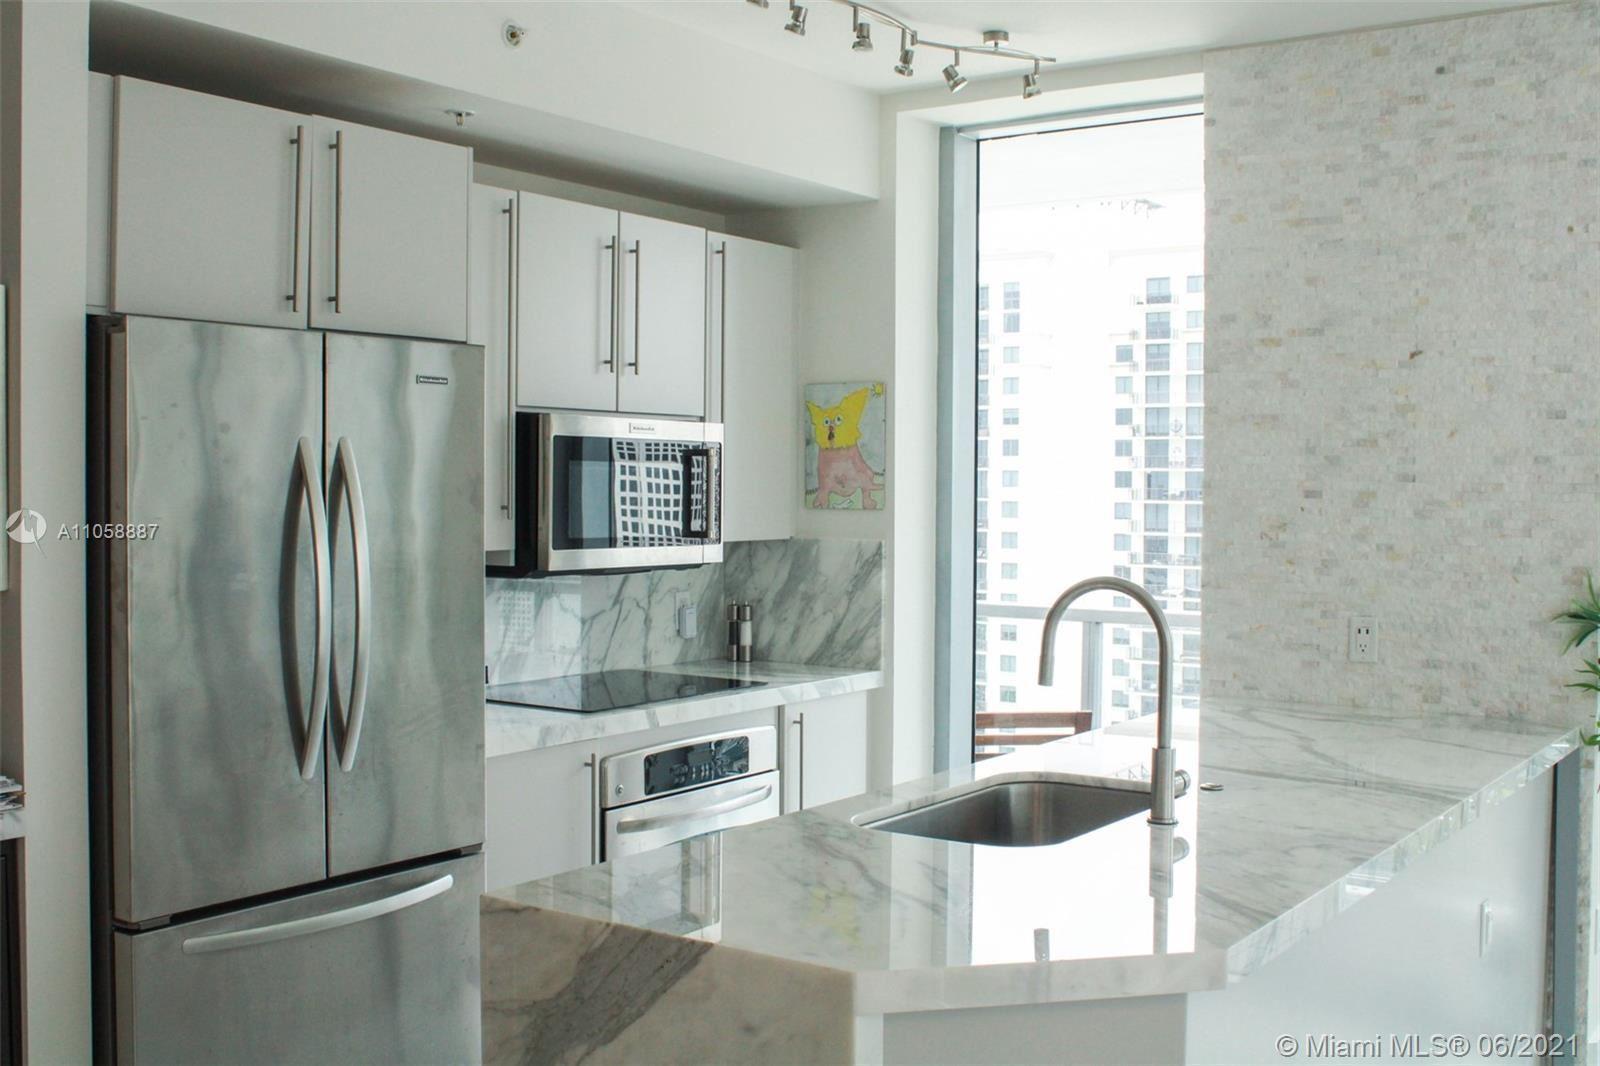 1111 SW 1st Ave #3120, Miami, FL 33130 - #: A11058887